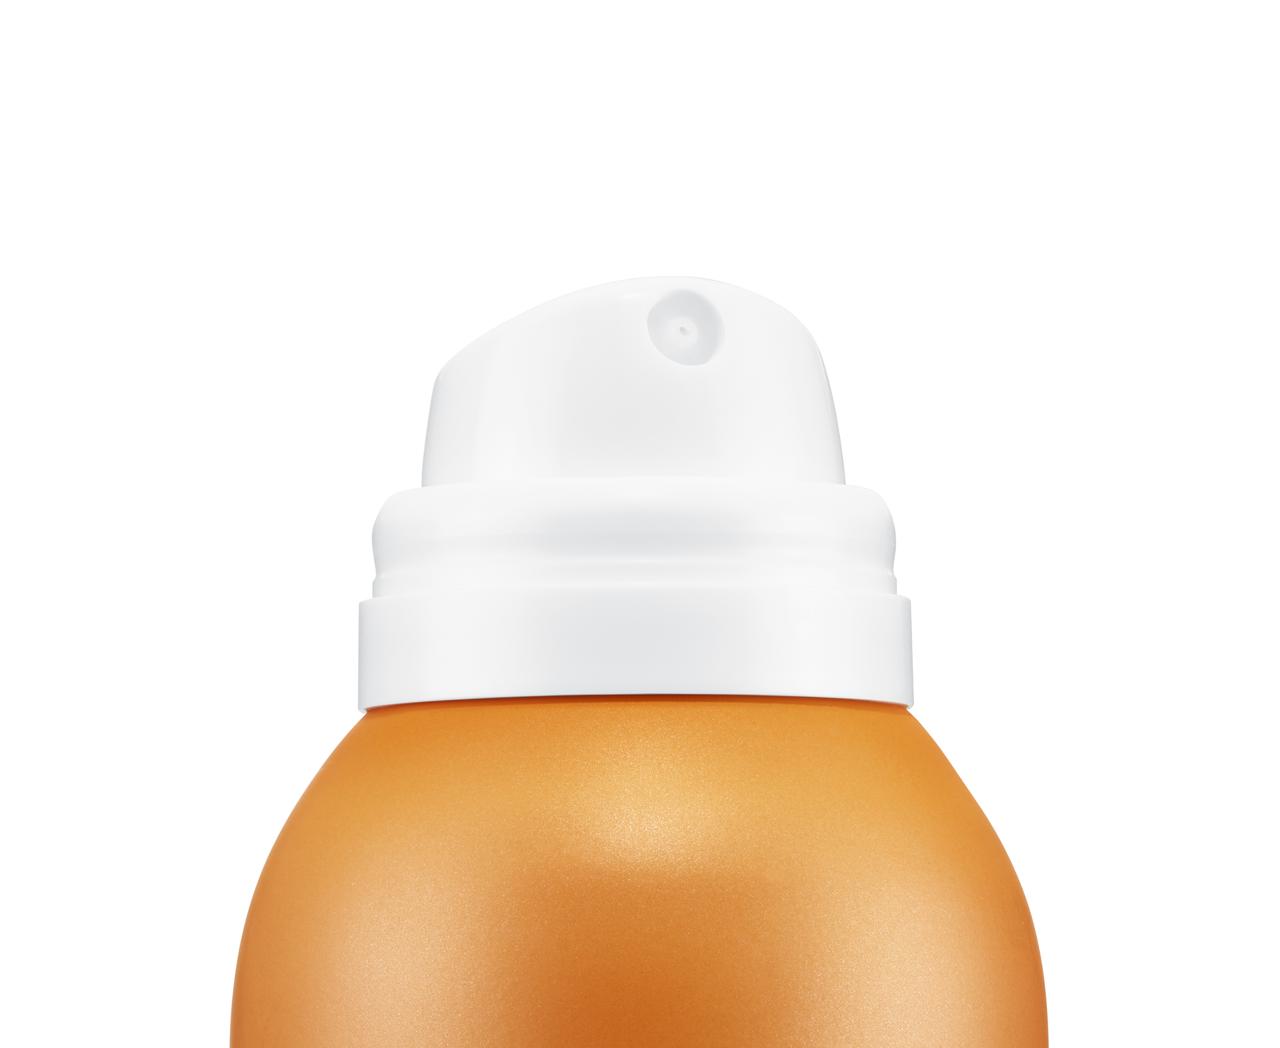 Jemný sprej pro děti odpuzující písekSPF 50+ - obrázek produktu